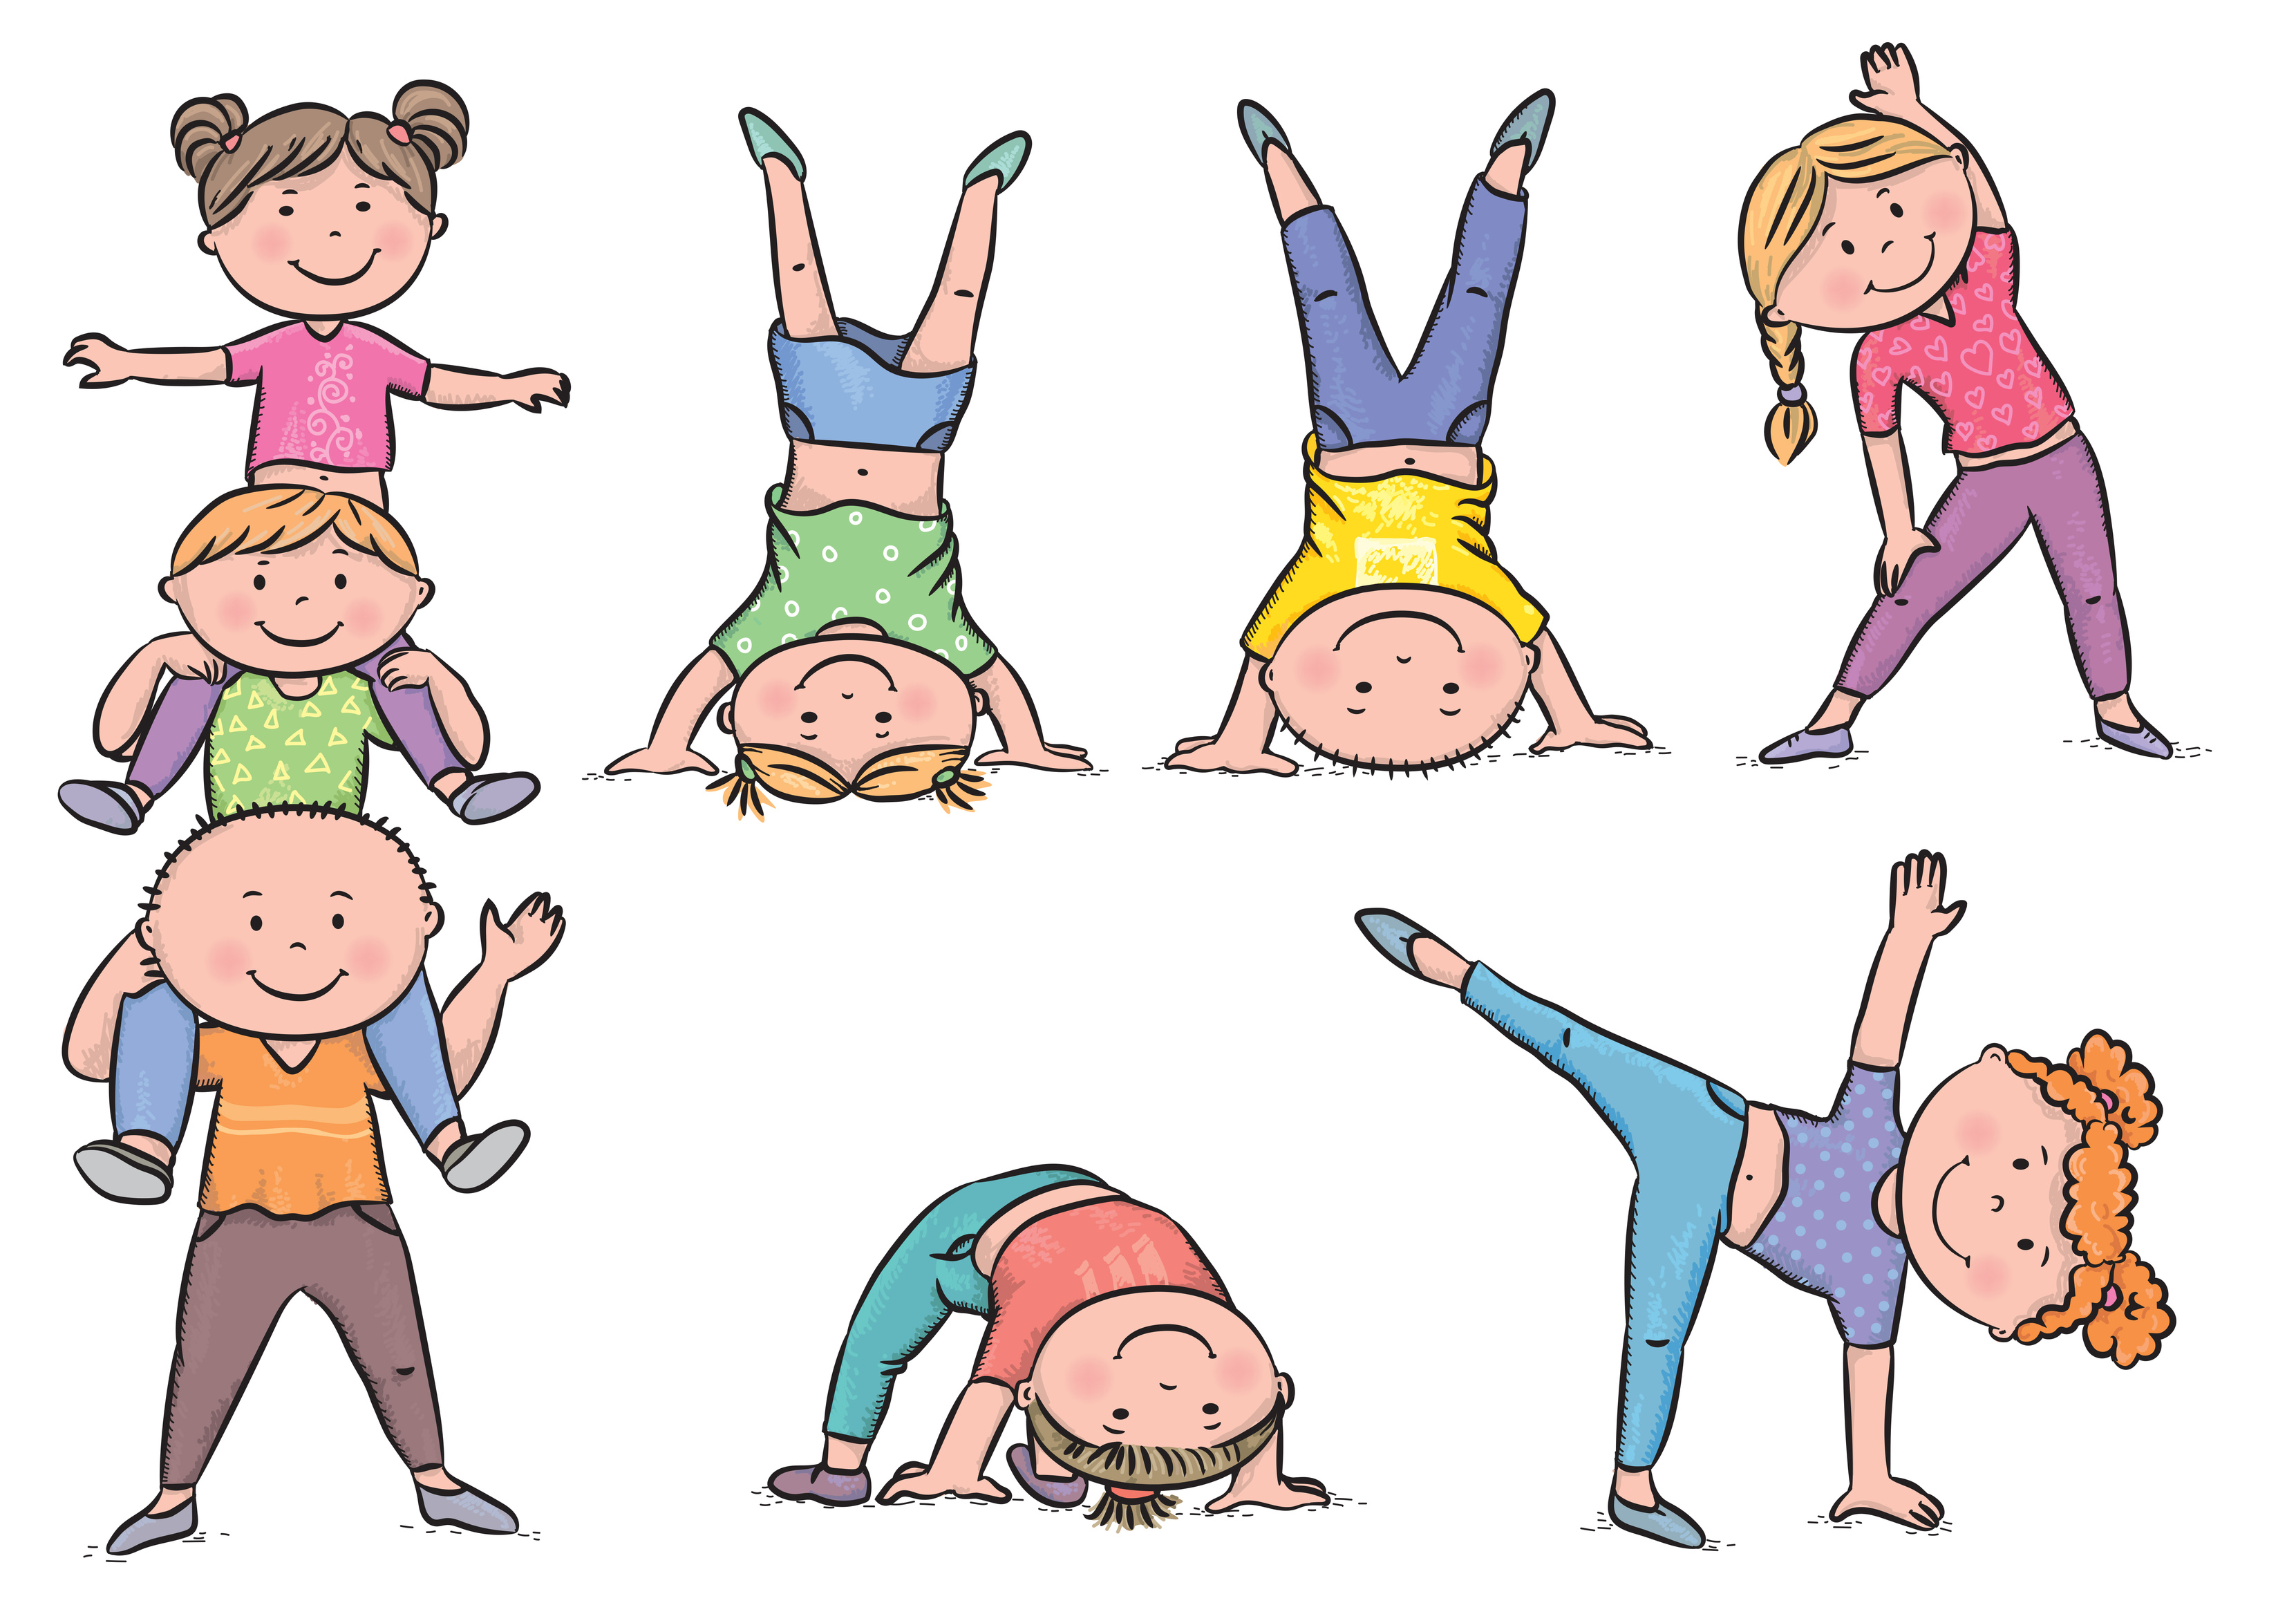 холодных упражнения в картинках для малышей как уверены его